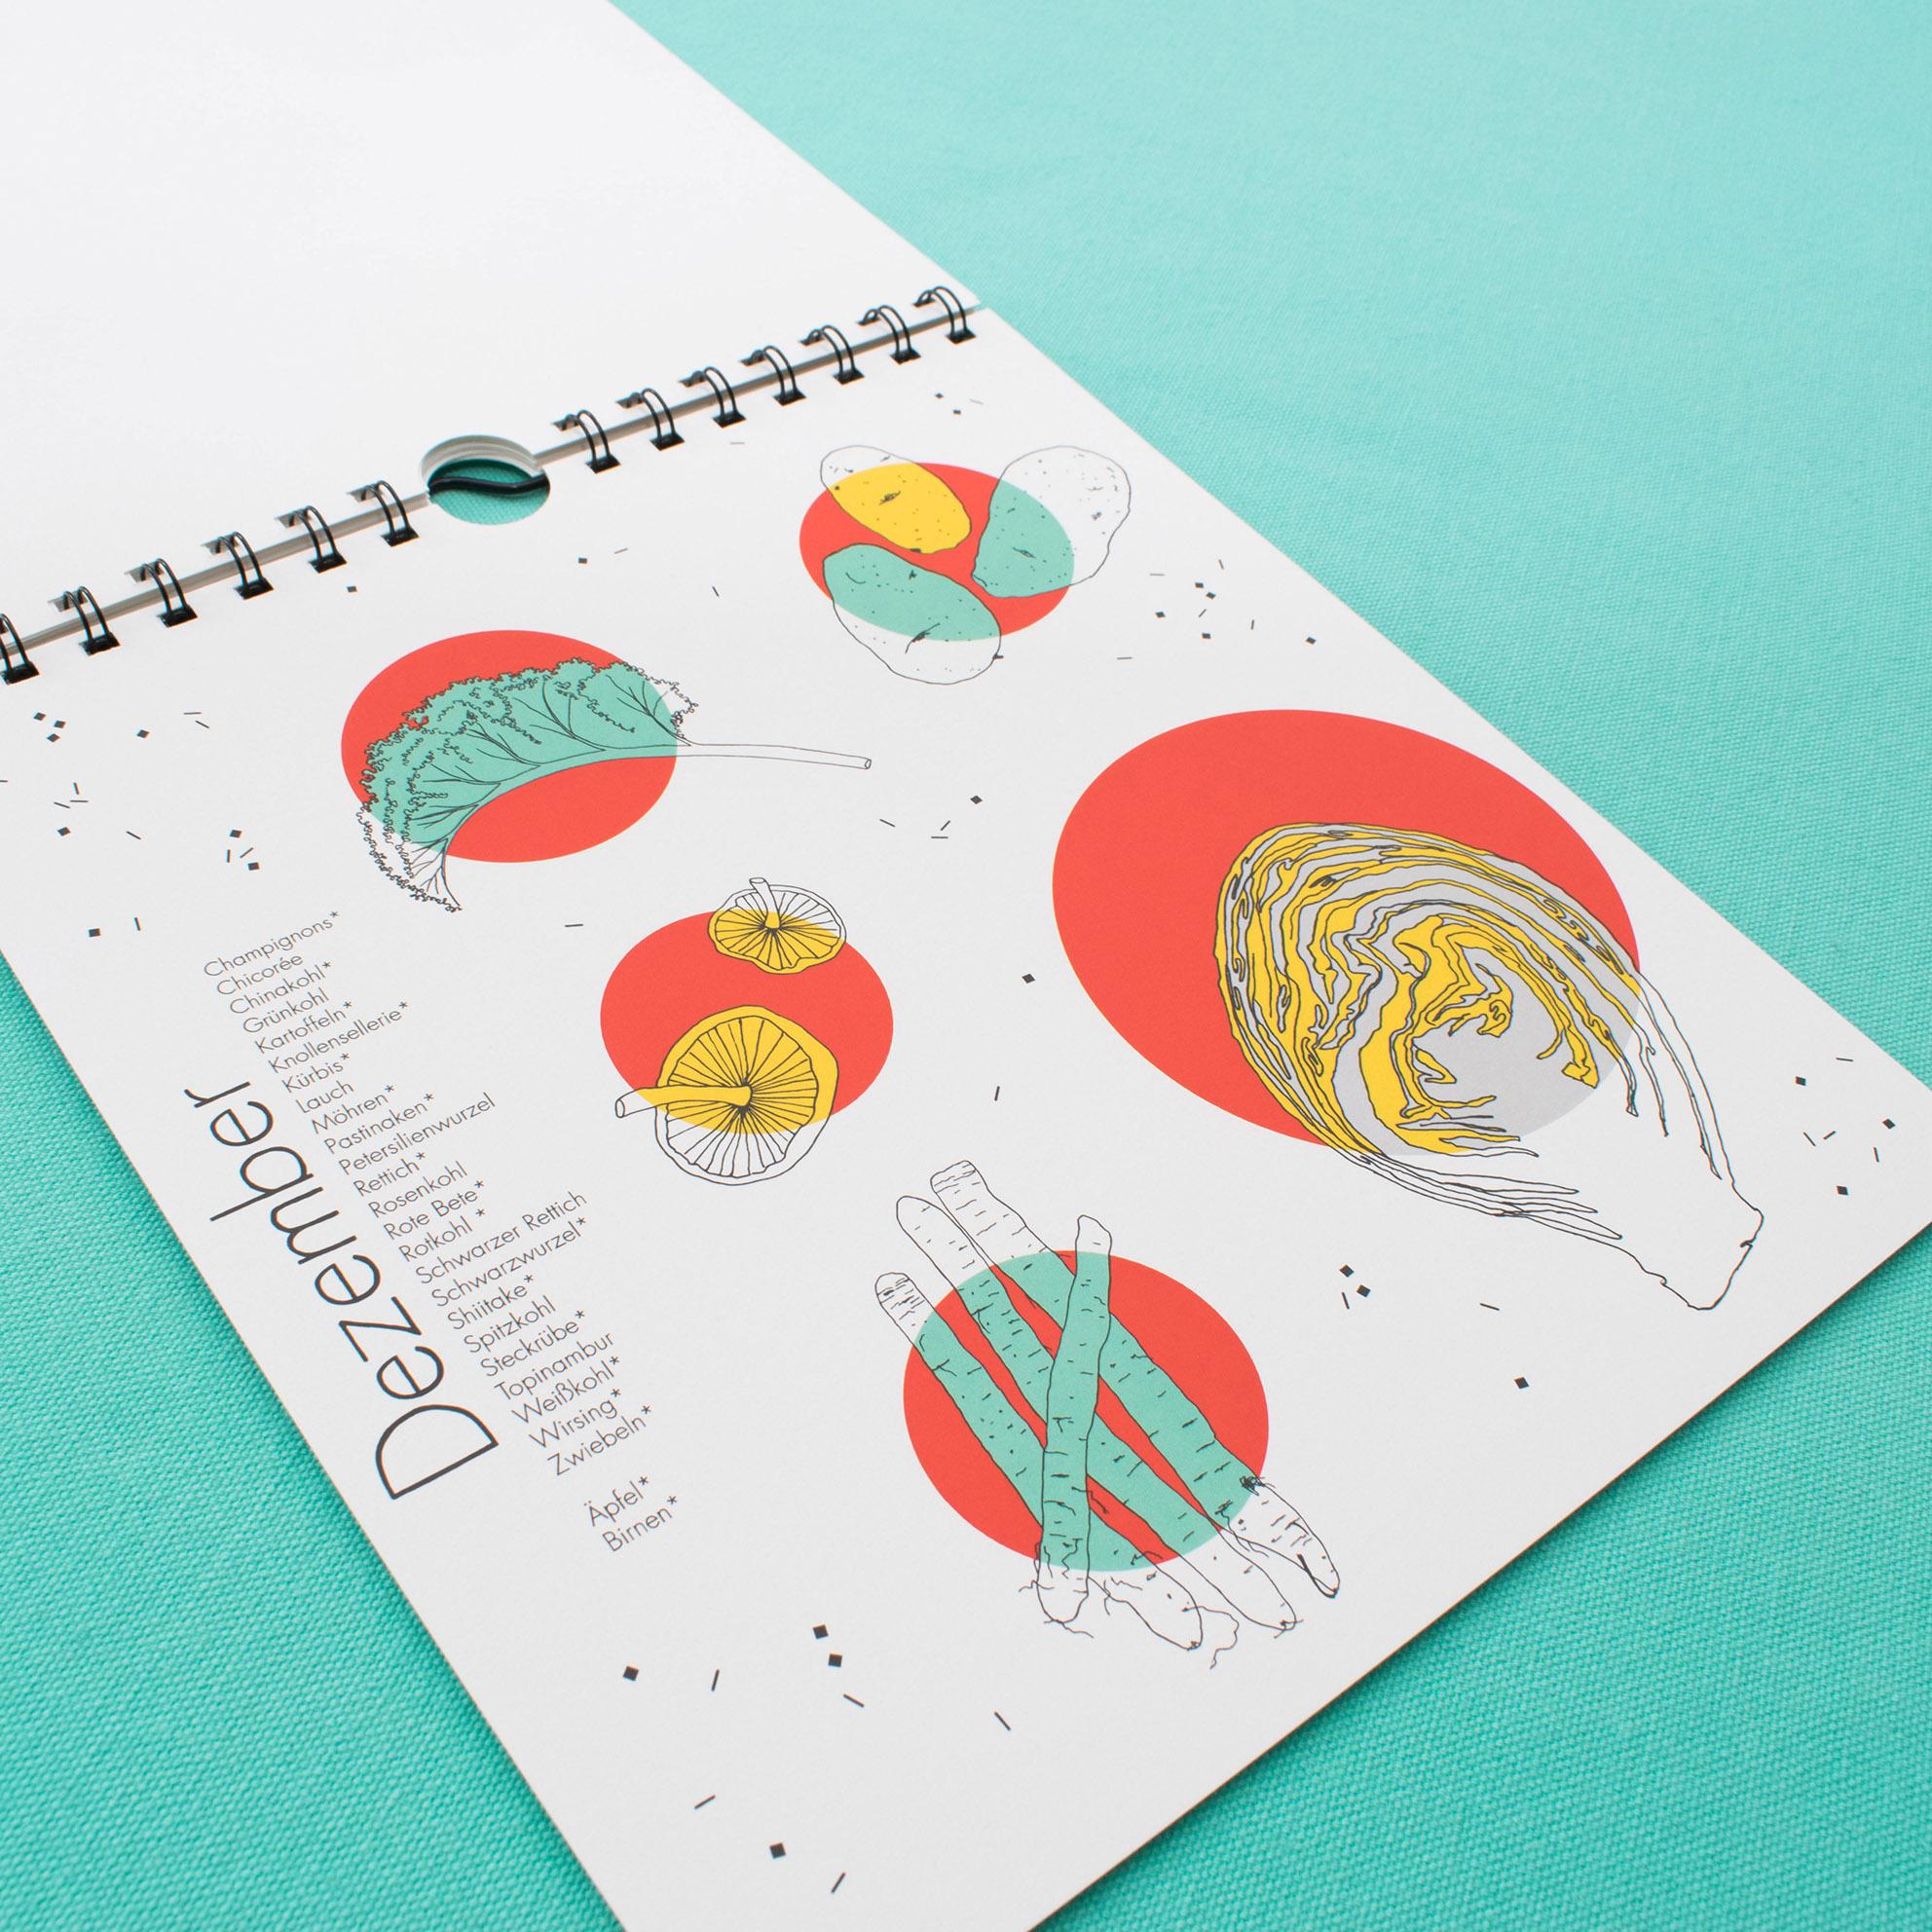 design saisonkalender Obst und Gemüse polypodium illustration kalender nachhaltig illustration regional